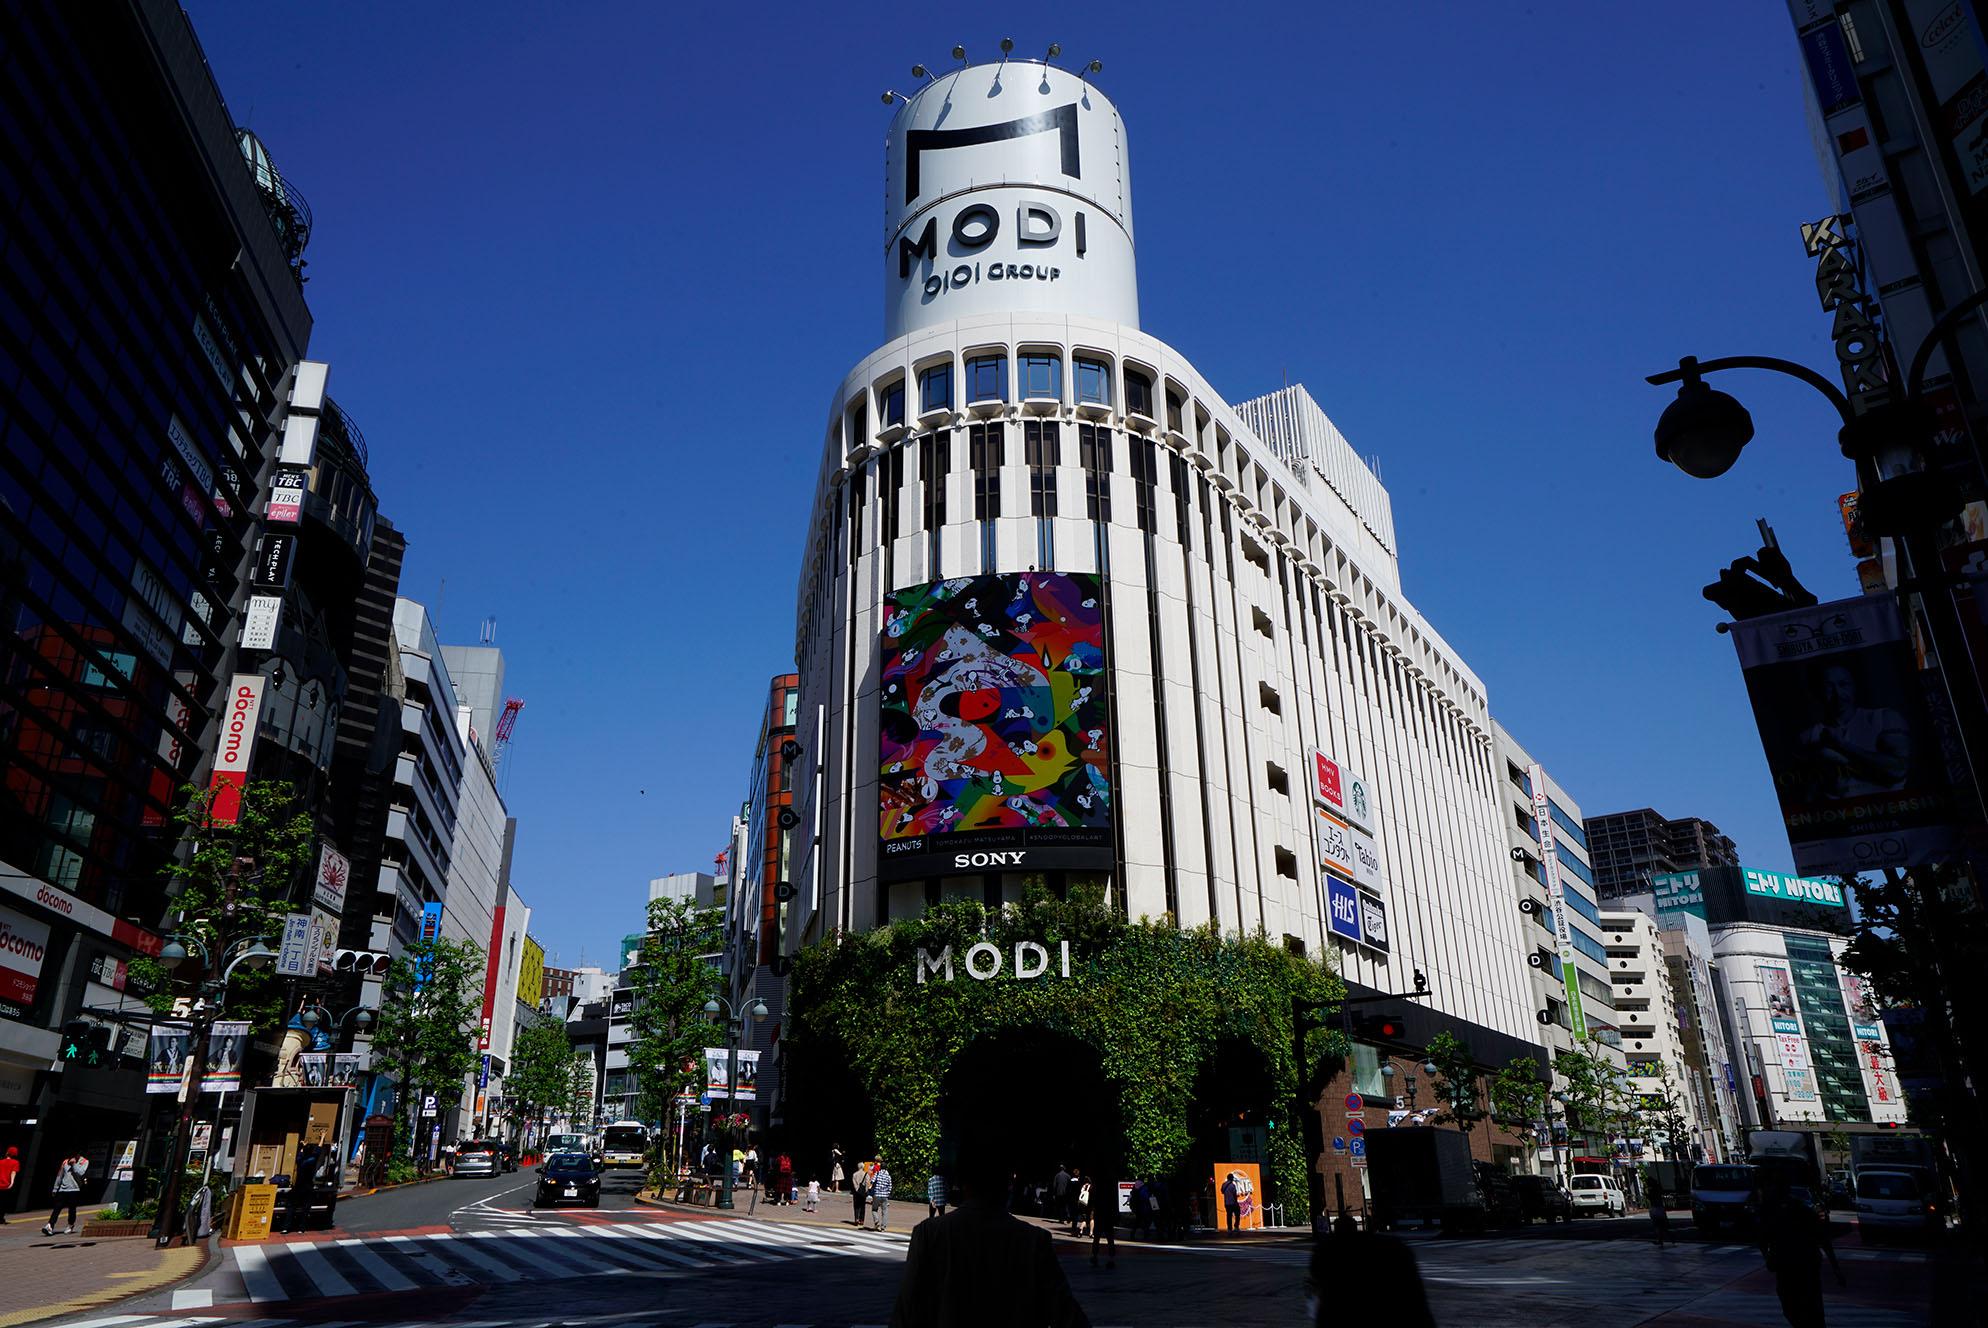 Tomokazu Matsuyama x Peanuts Global Artist Collective in Tokyo